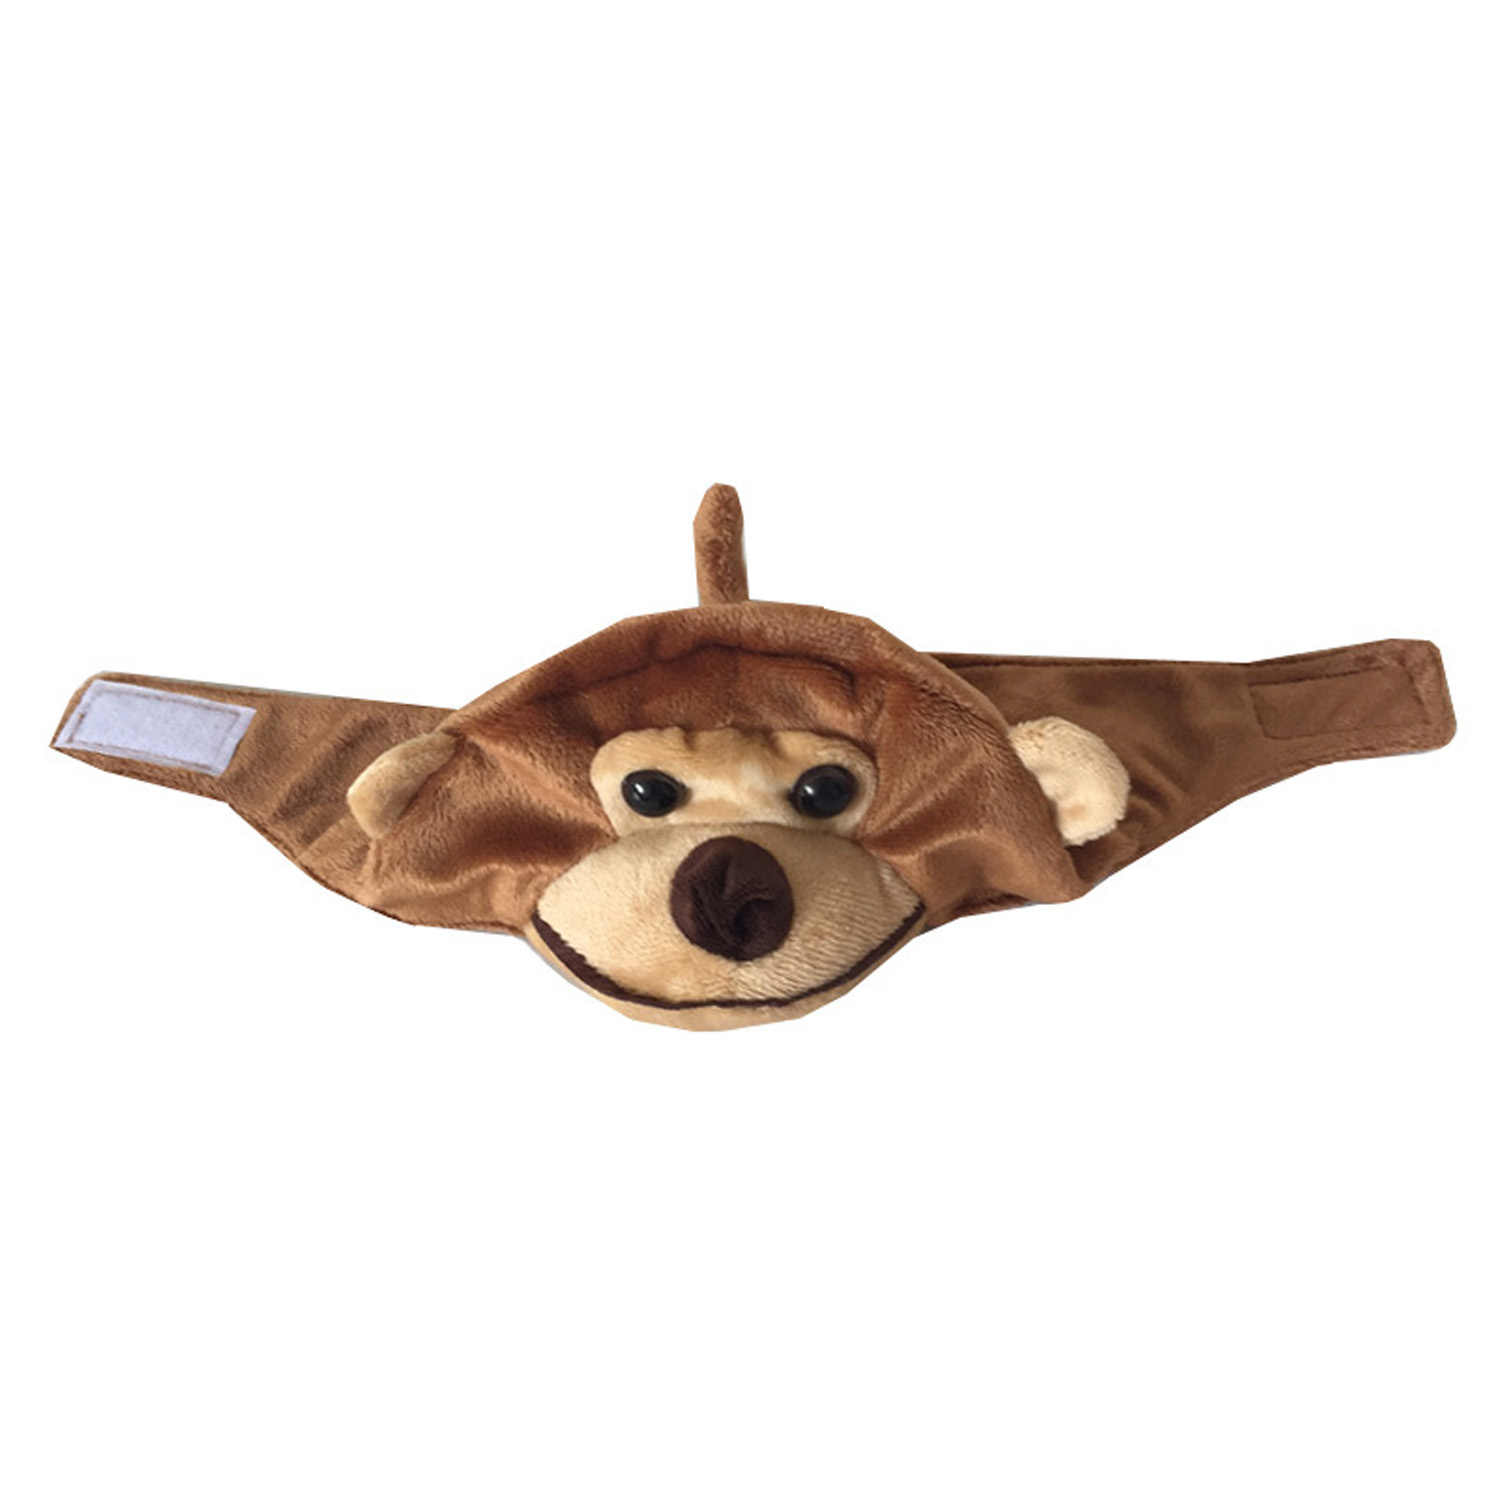 Behogar милая мягкая зимняя теплая шапка в стиле обезьяны, шапка для собак и кошек, шапка-скафандр, аксессуары для празднования Хеллоуина